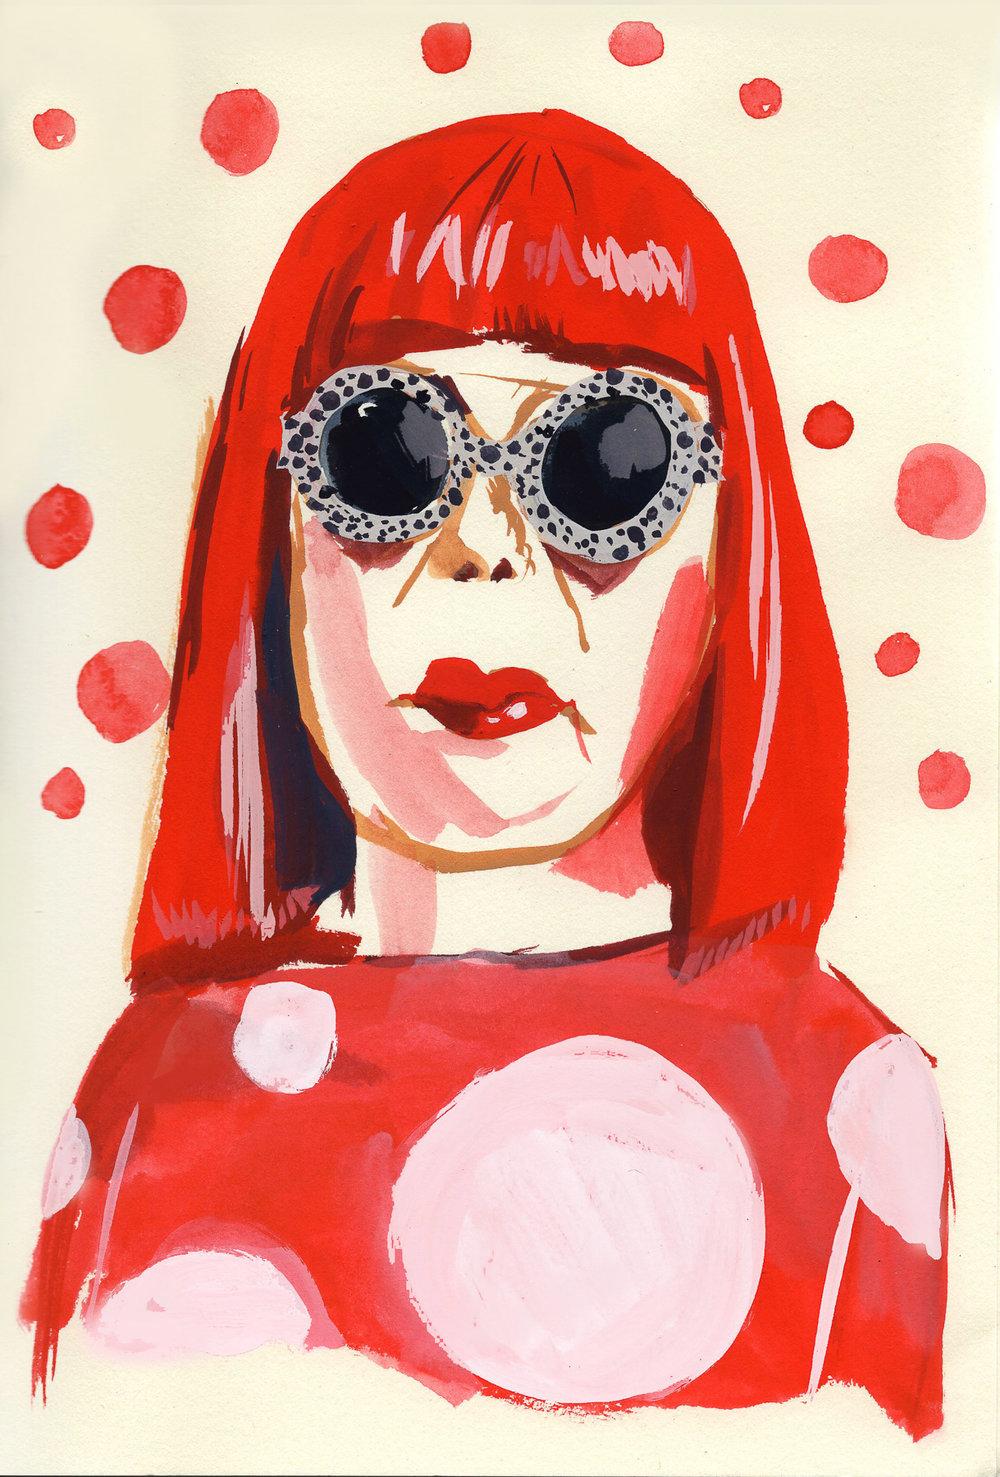 SOI 60 2017 - ARTIST: Jenny KroikTITLE: Yayoi Kusama